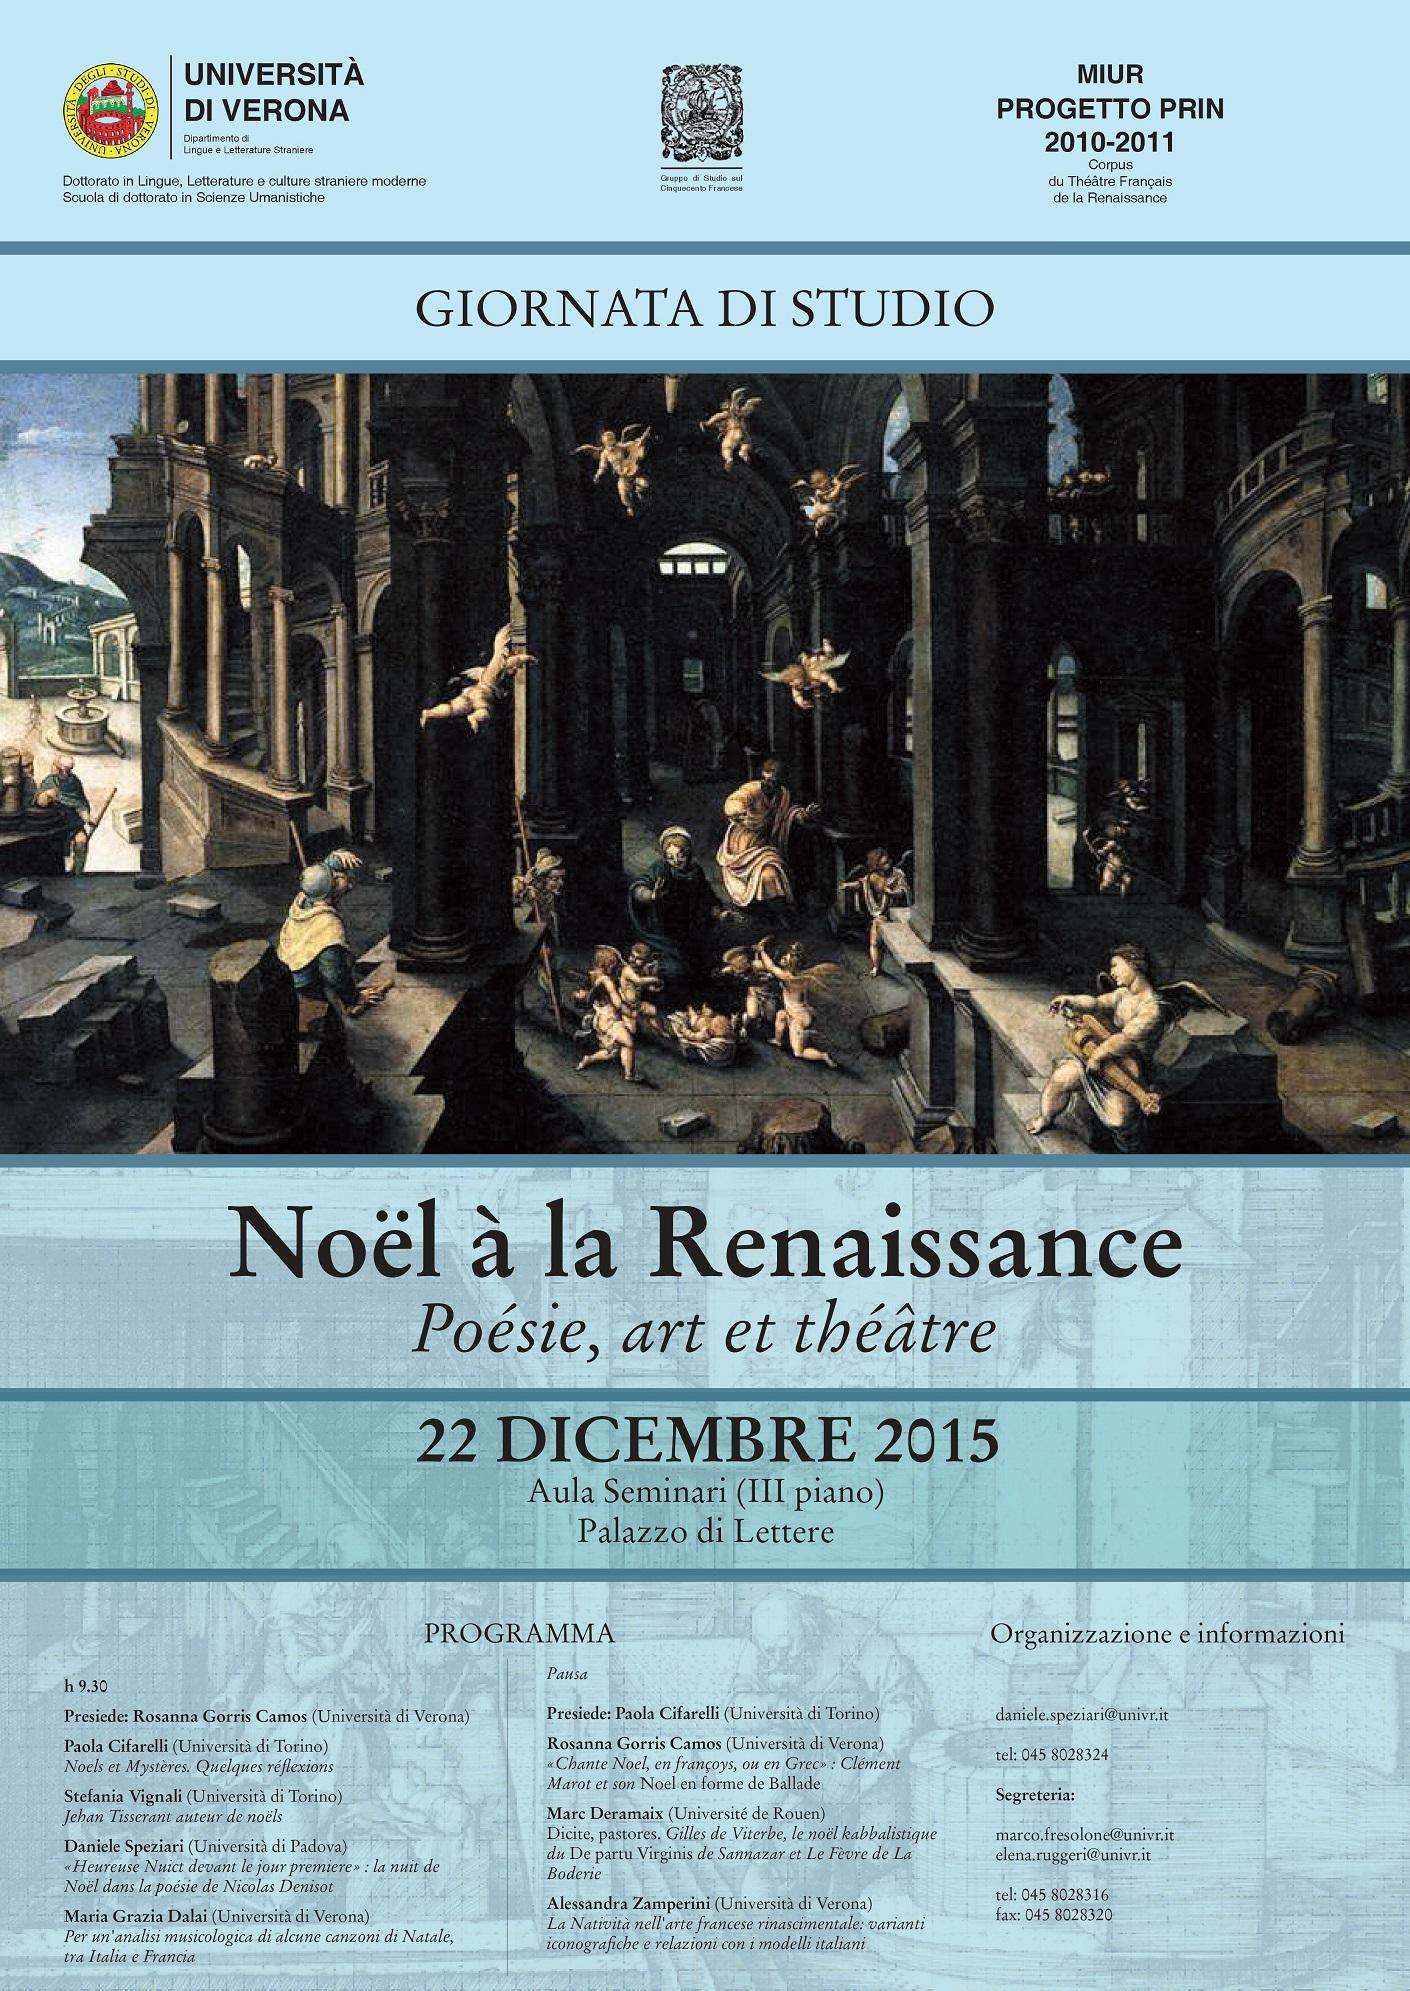 Noël à la Renaissance. Poésie, art et théâtre (Vérone)